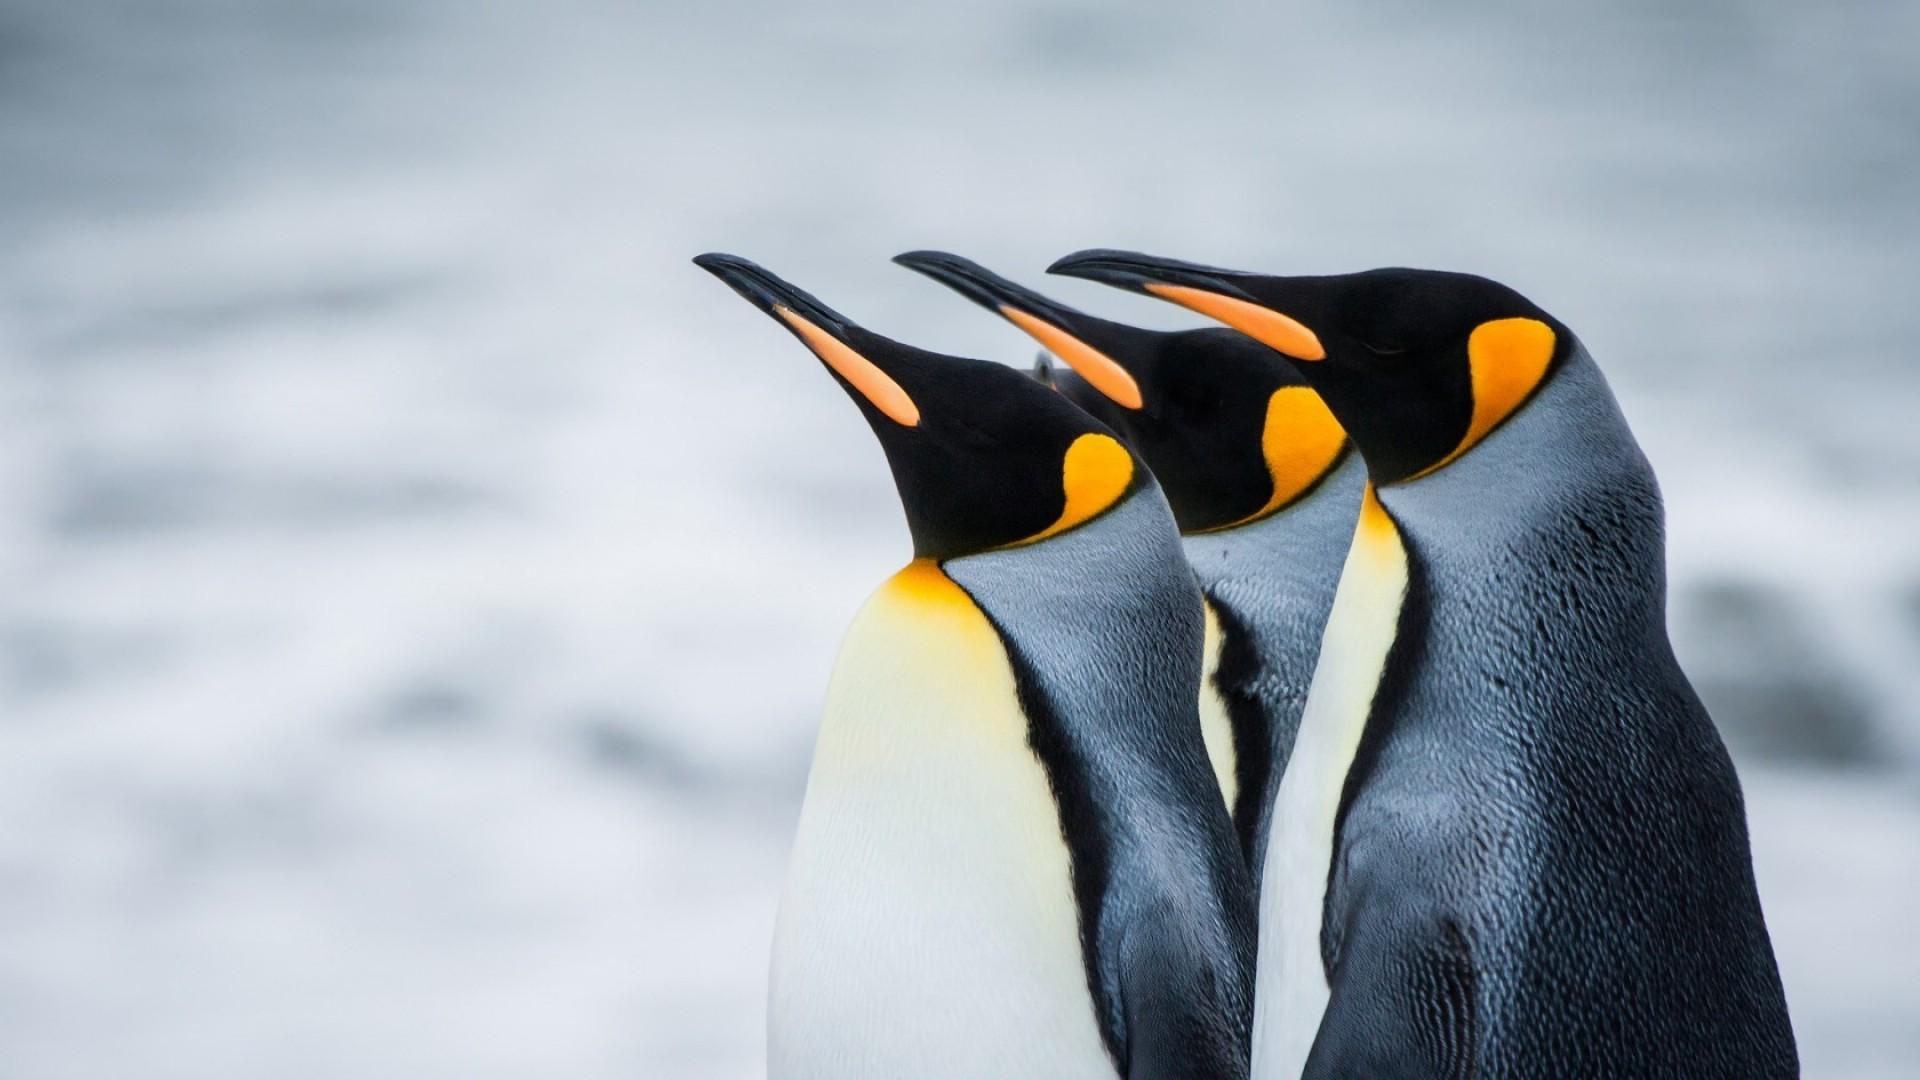 Best 43 Penguin Background on HipWallpaper Christmas Penguin 1920x1080